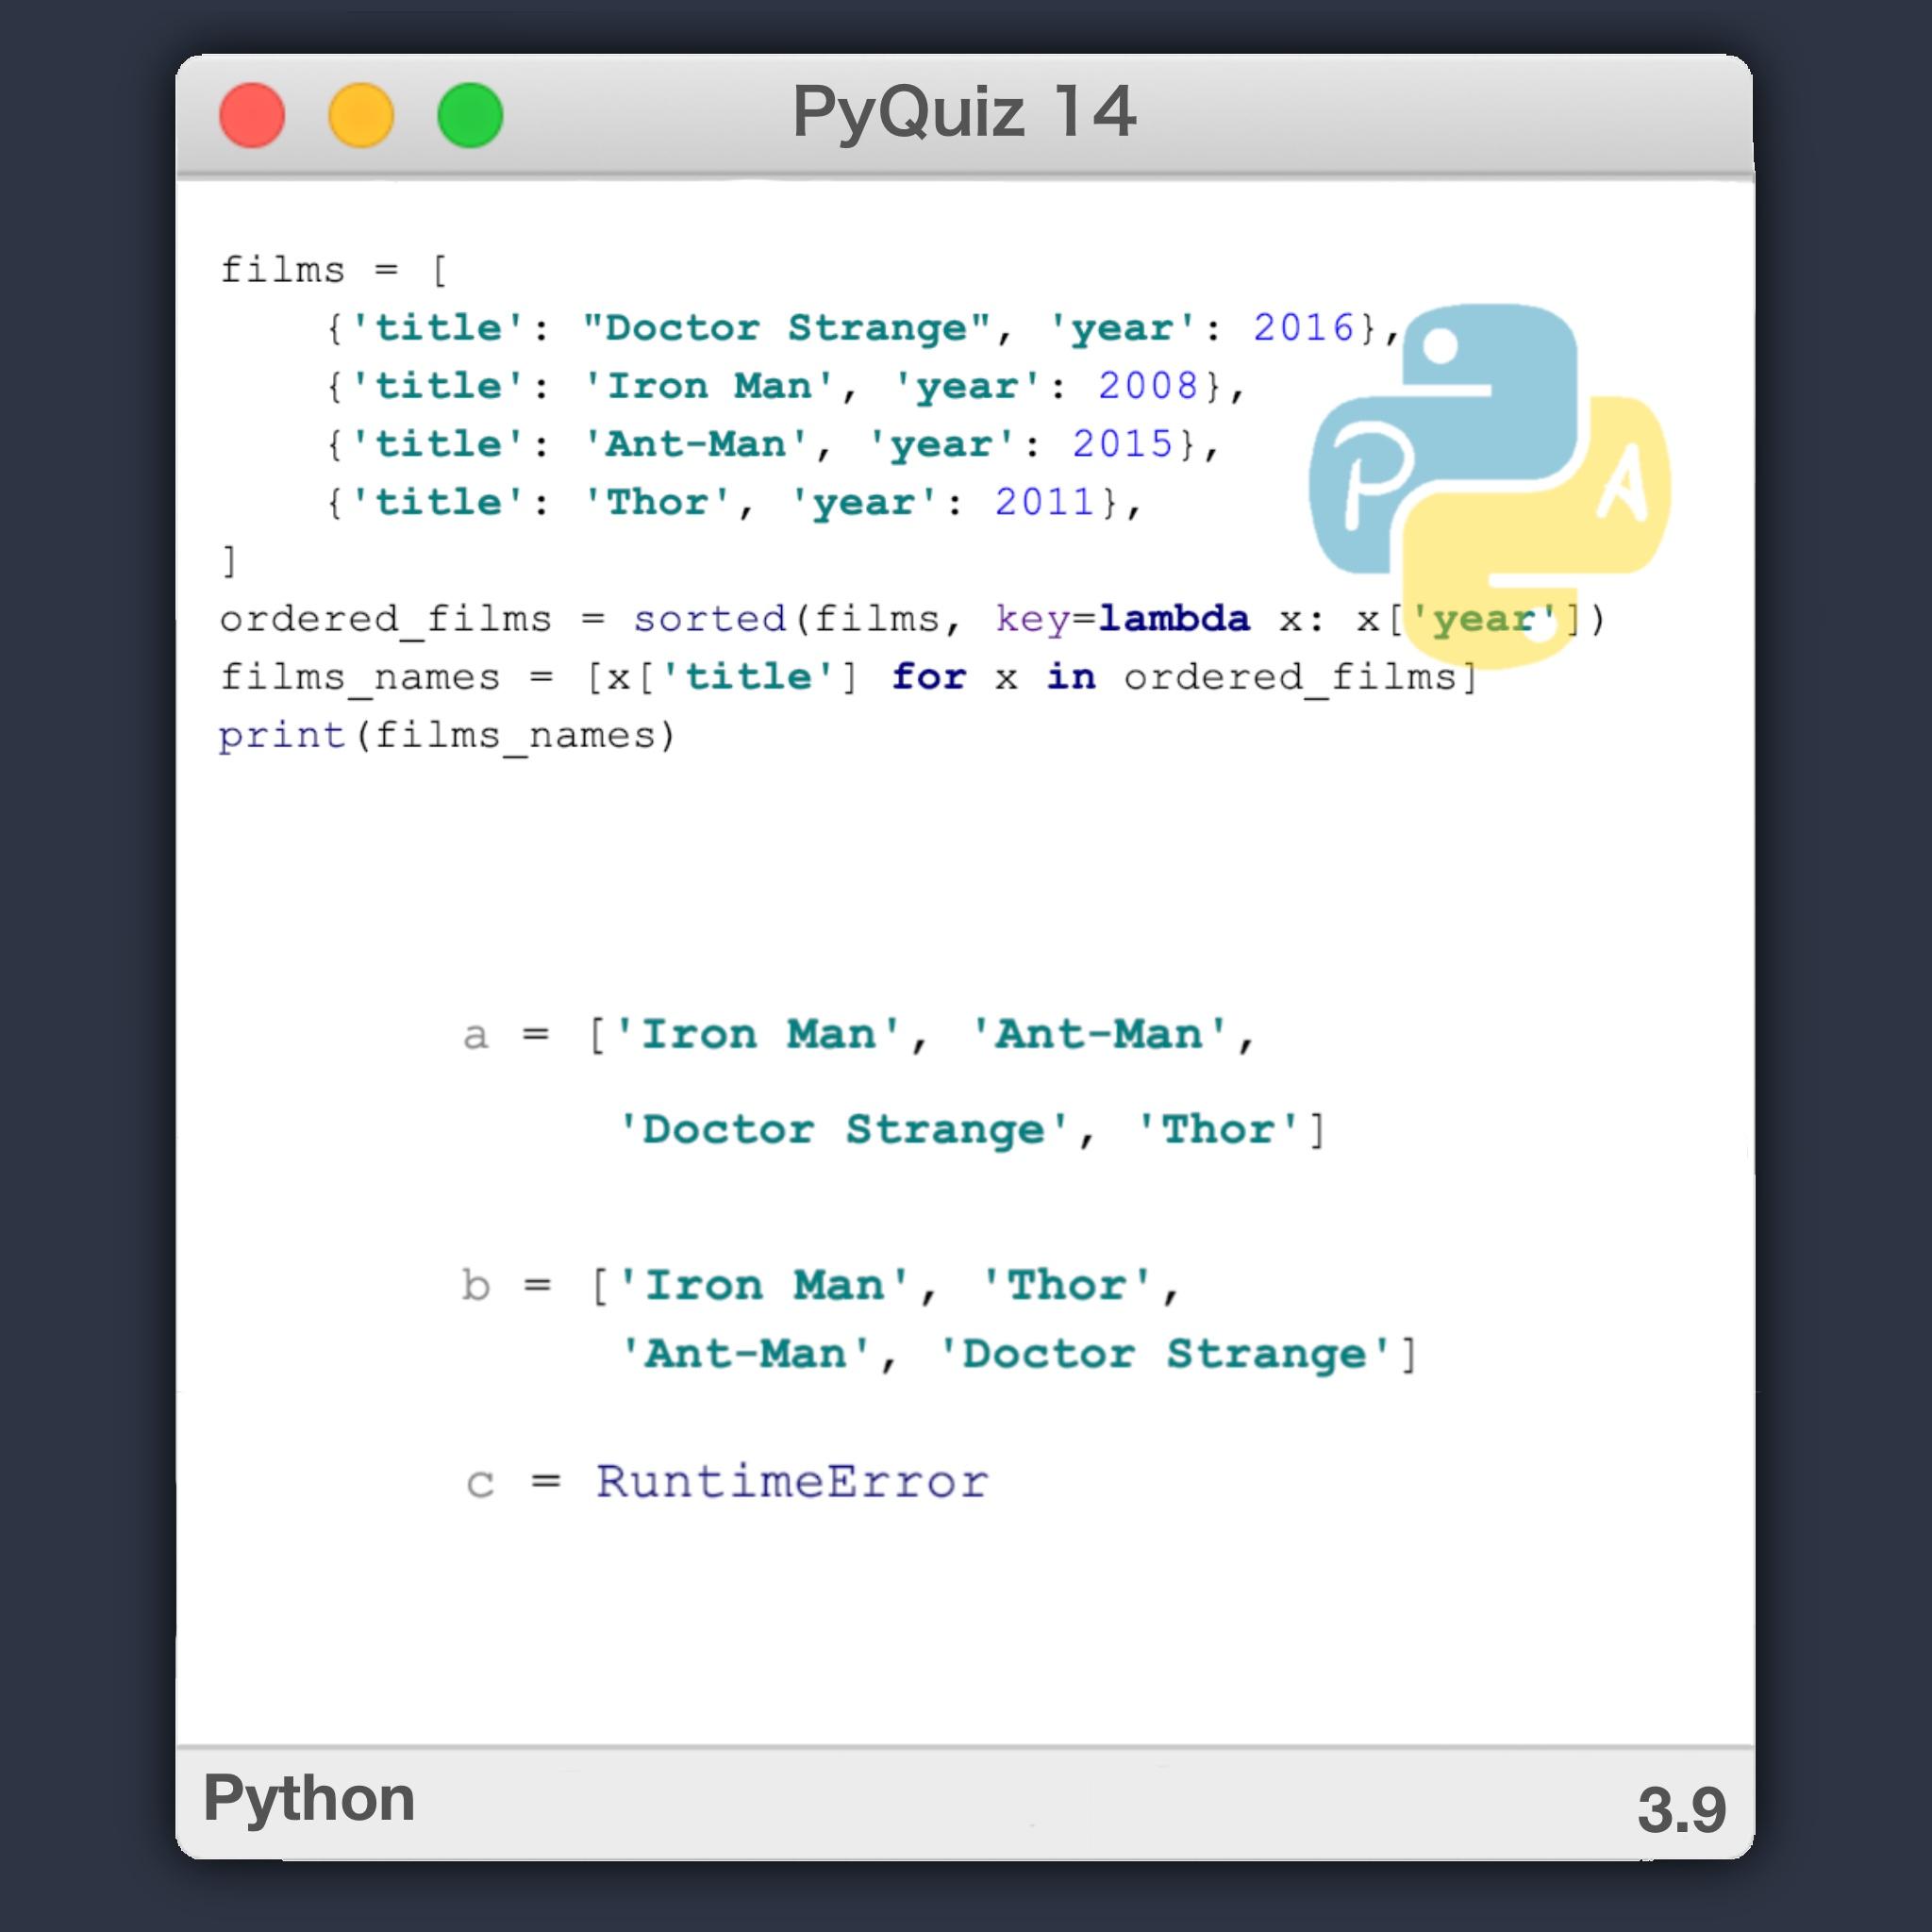 PyQuiz 14 - Sorted en Python